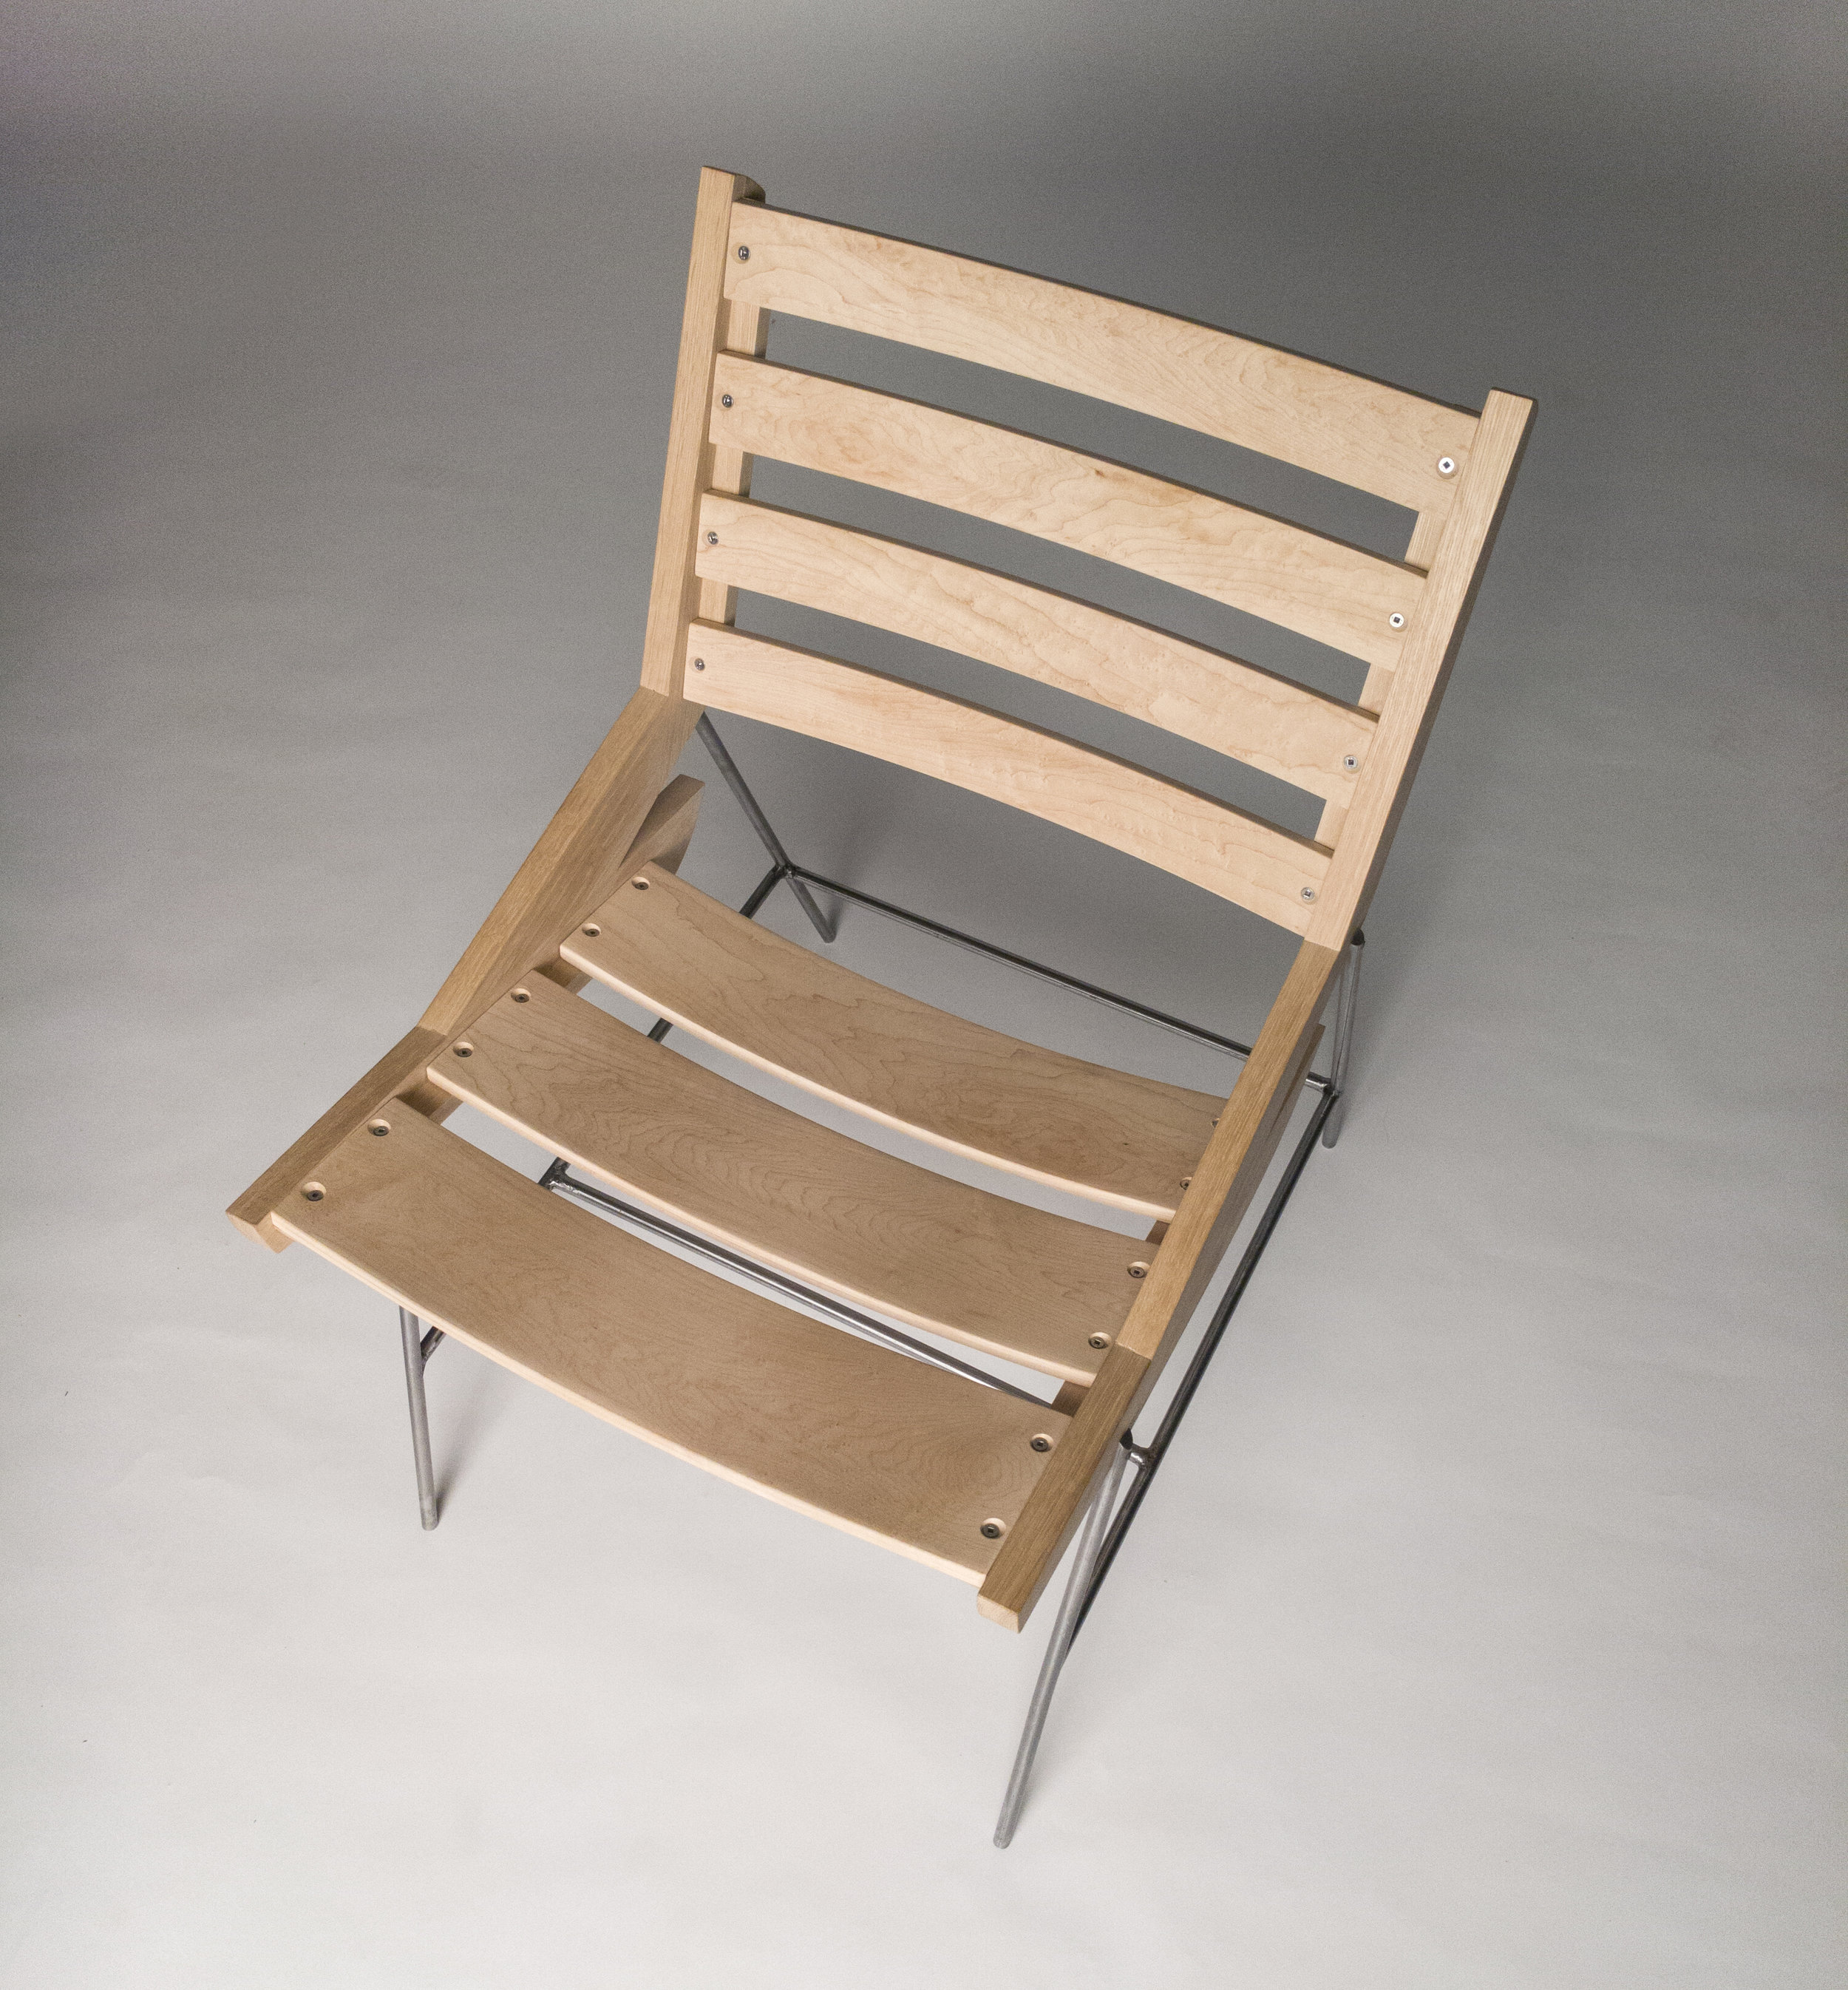 Chair final3 shopped.jpg